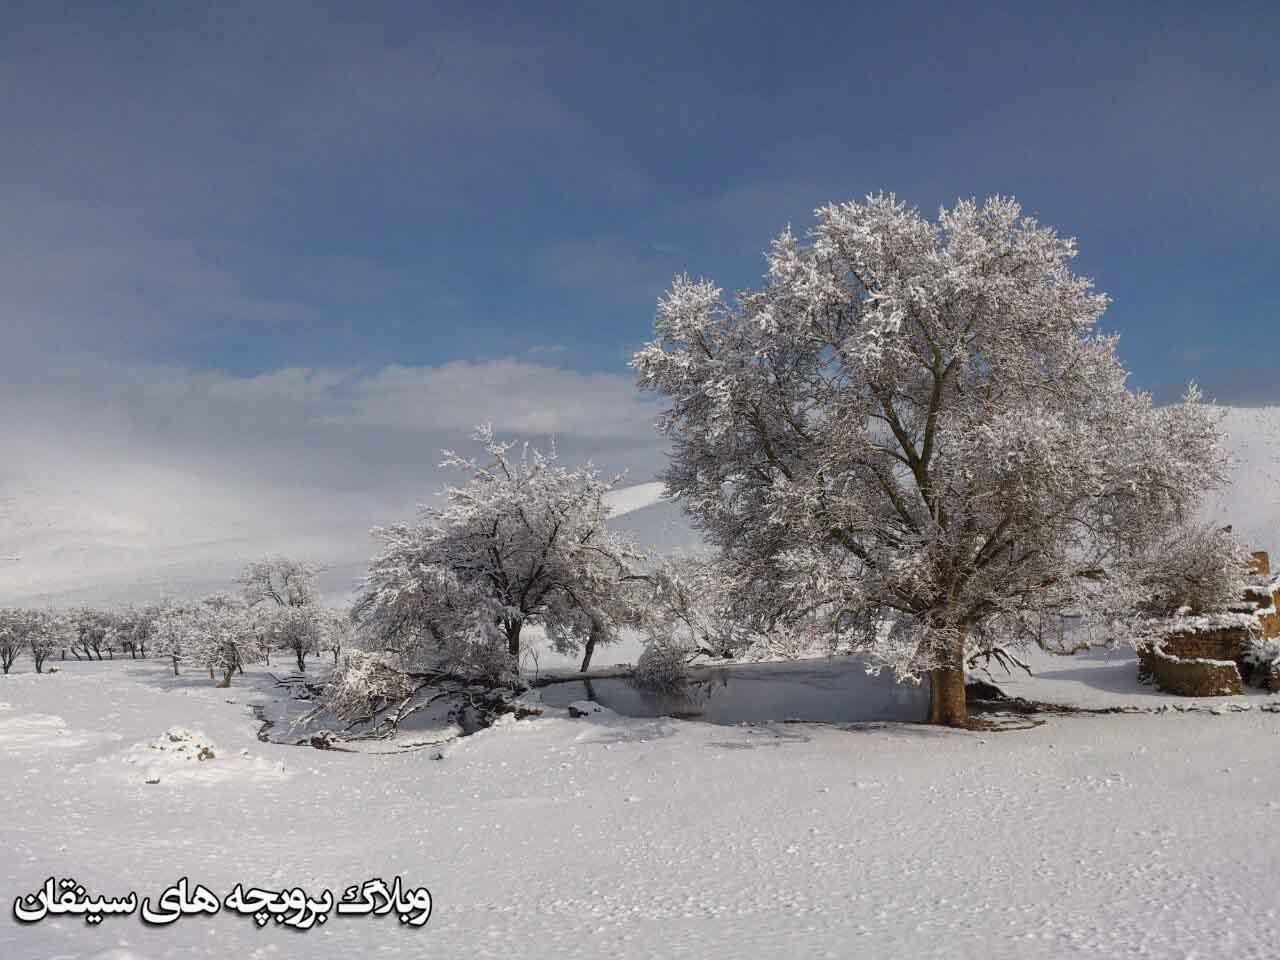 تصاویر برفی امروز تهران